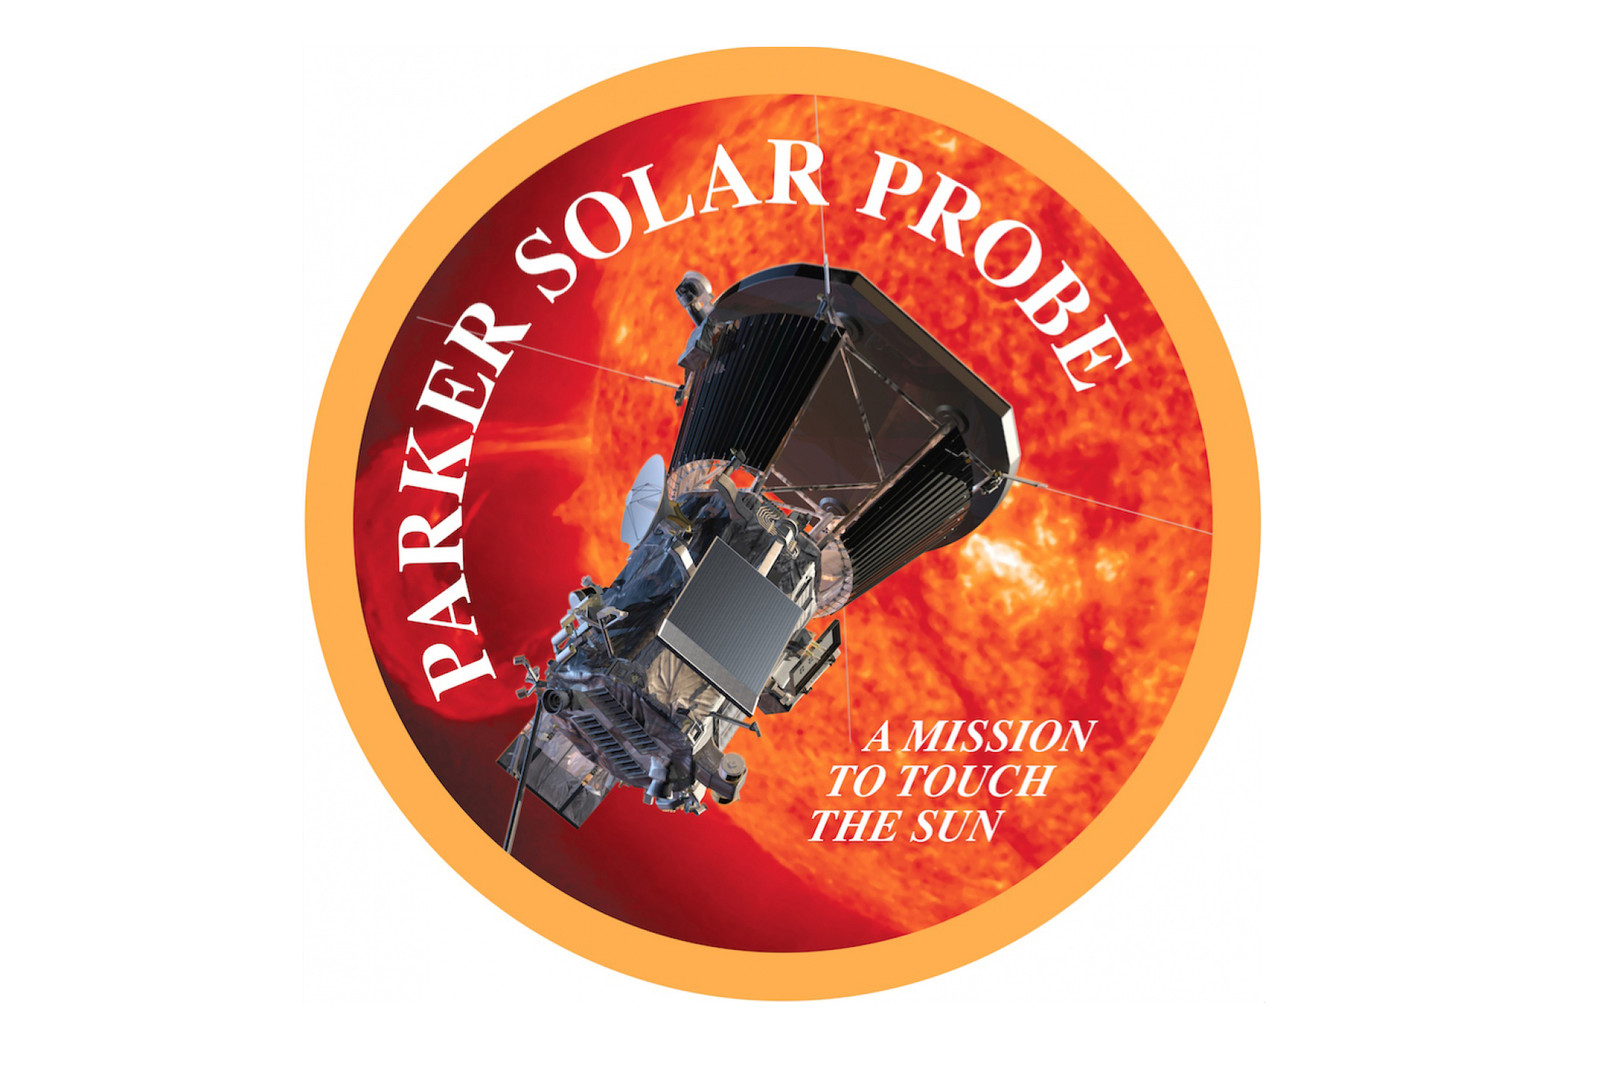 登陸太陽!NASA 正式宣布展開探索太陽任務